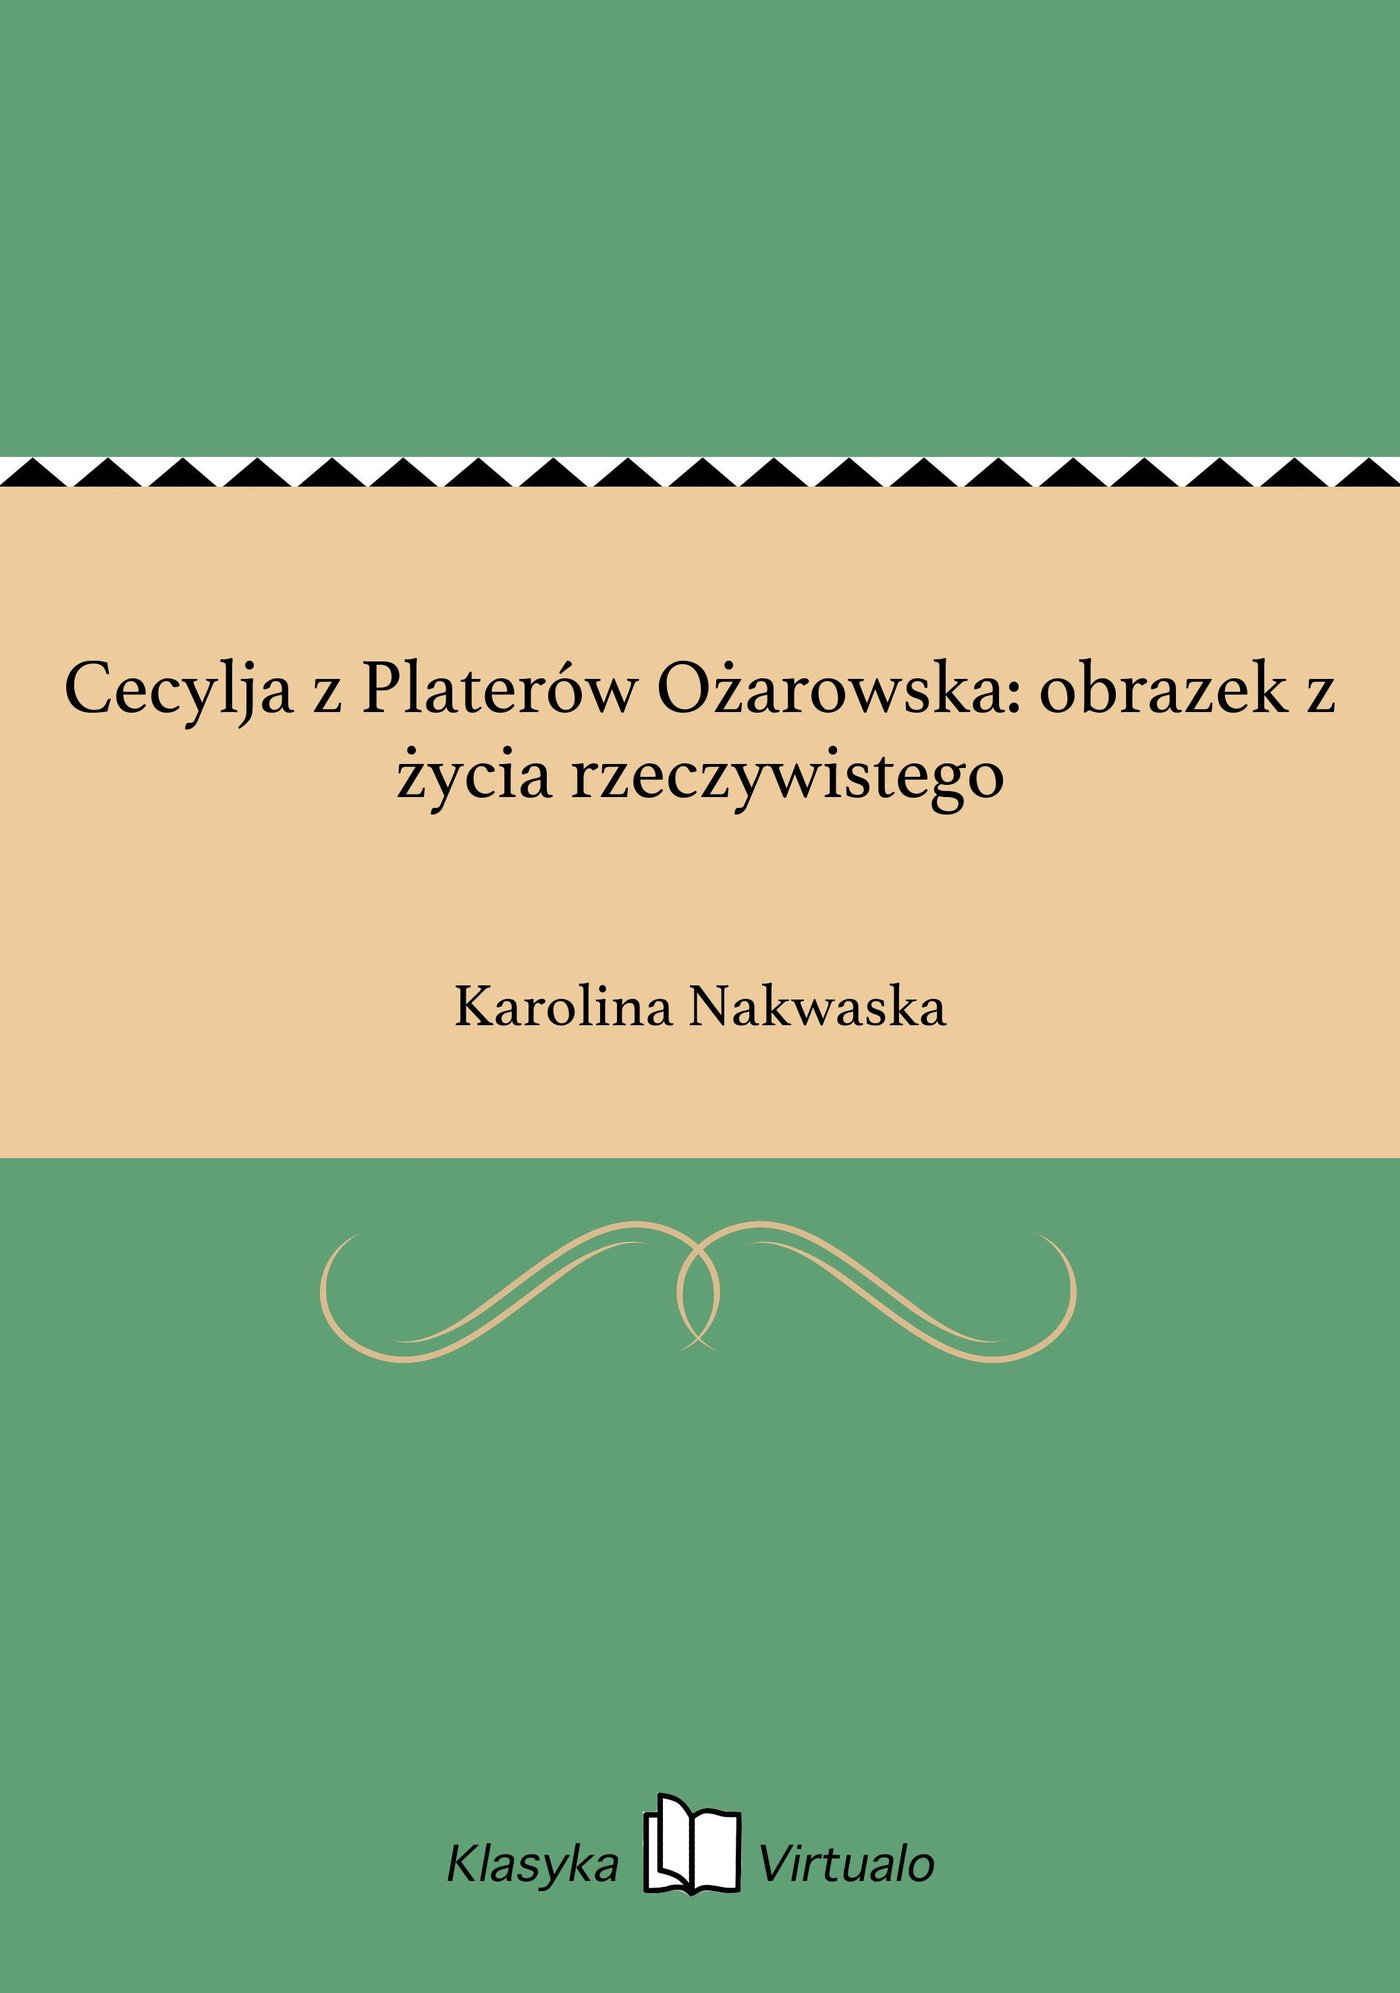 Cecylja z Platerów Ożarowska: obrazek z życia rzeczywistego - Ebook (Książka EPUB) do pobrania w formacie EPUB